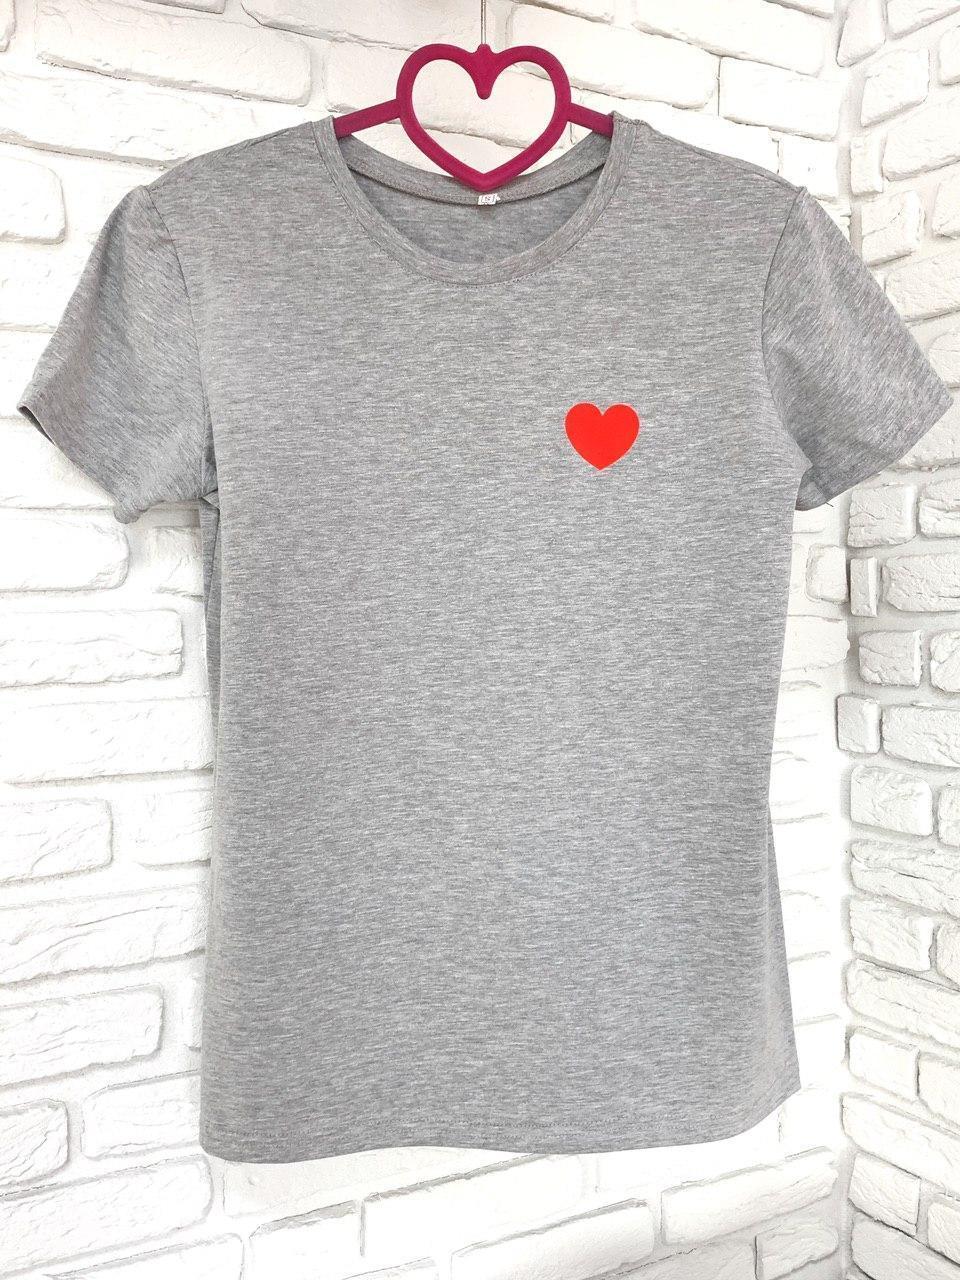 Женская футболка хлопок серая с принтом сердце SKL59-259644